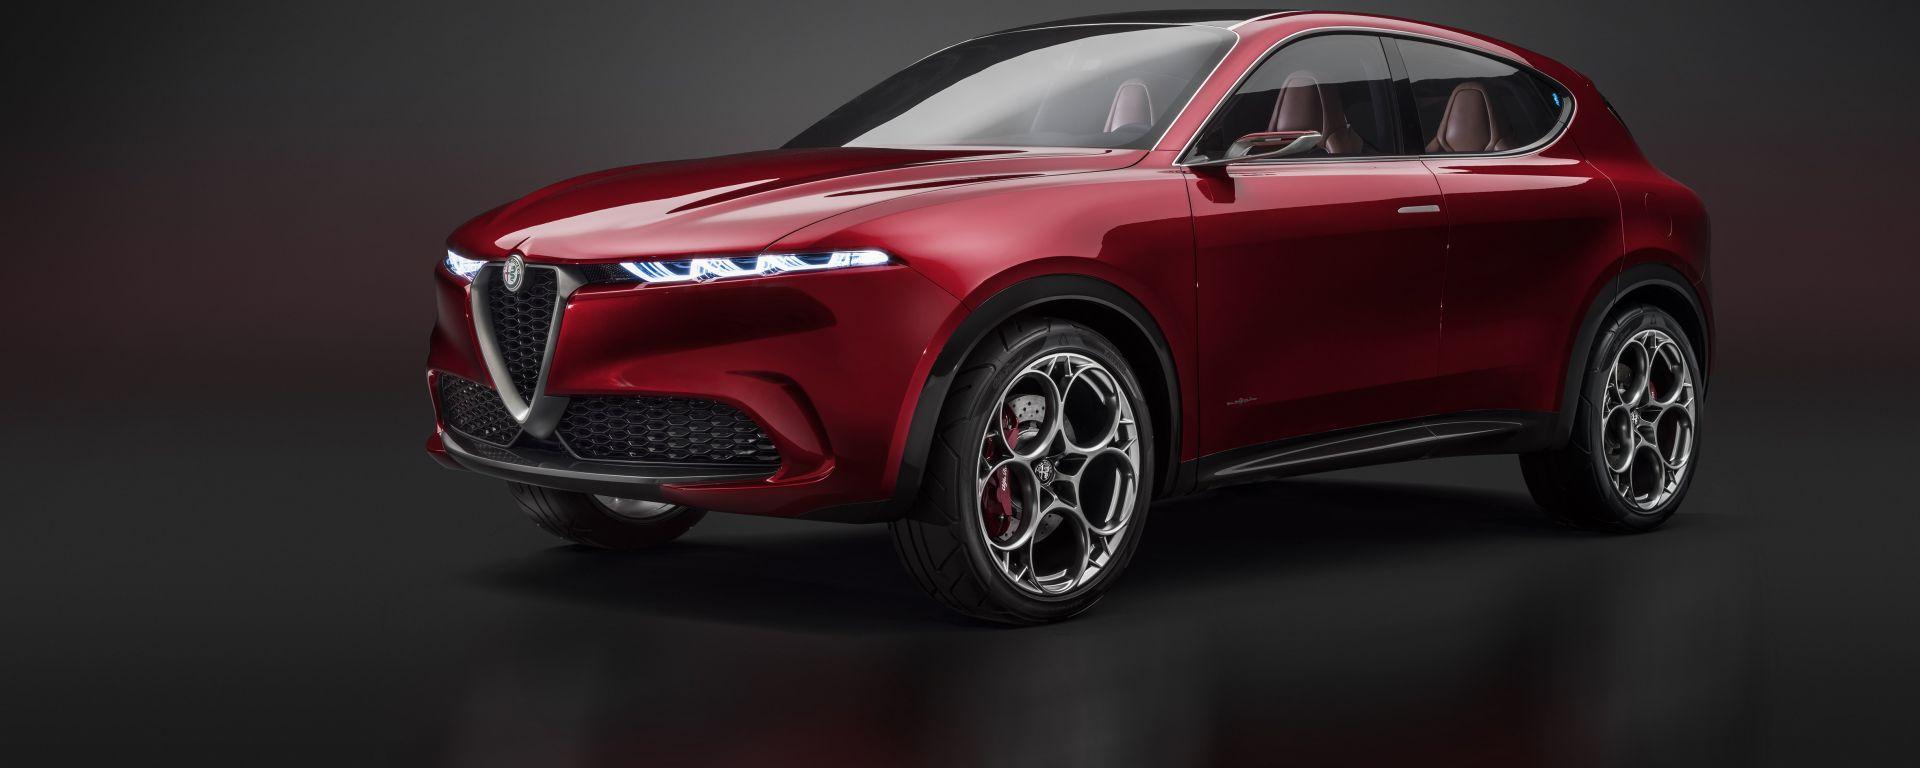 Alfa Romeo Tonale: in arrivo con motore ibrido